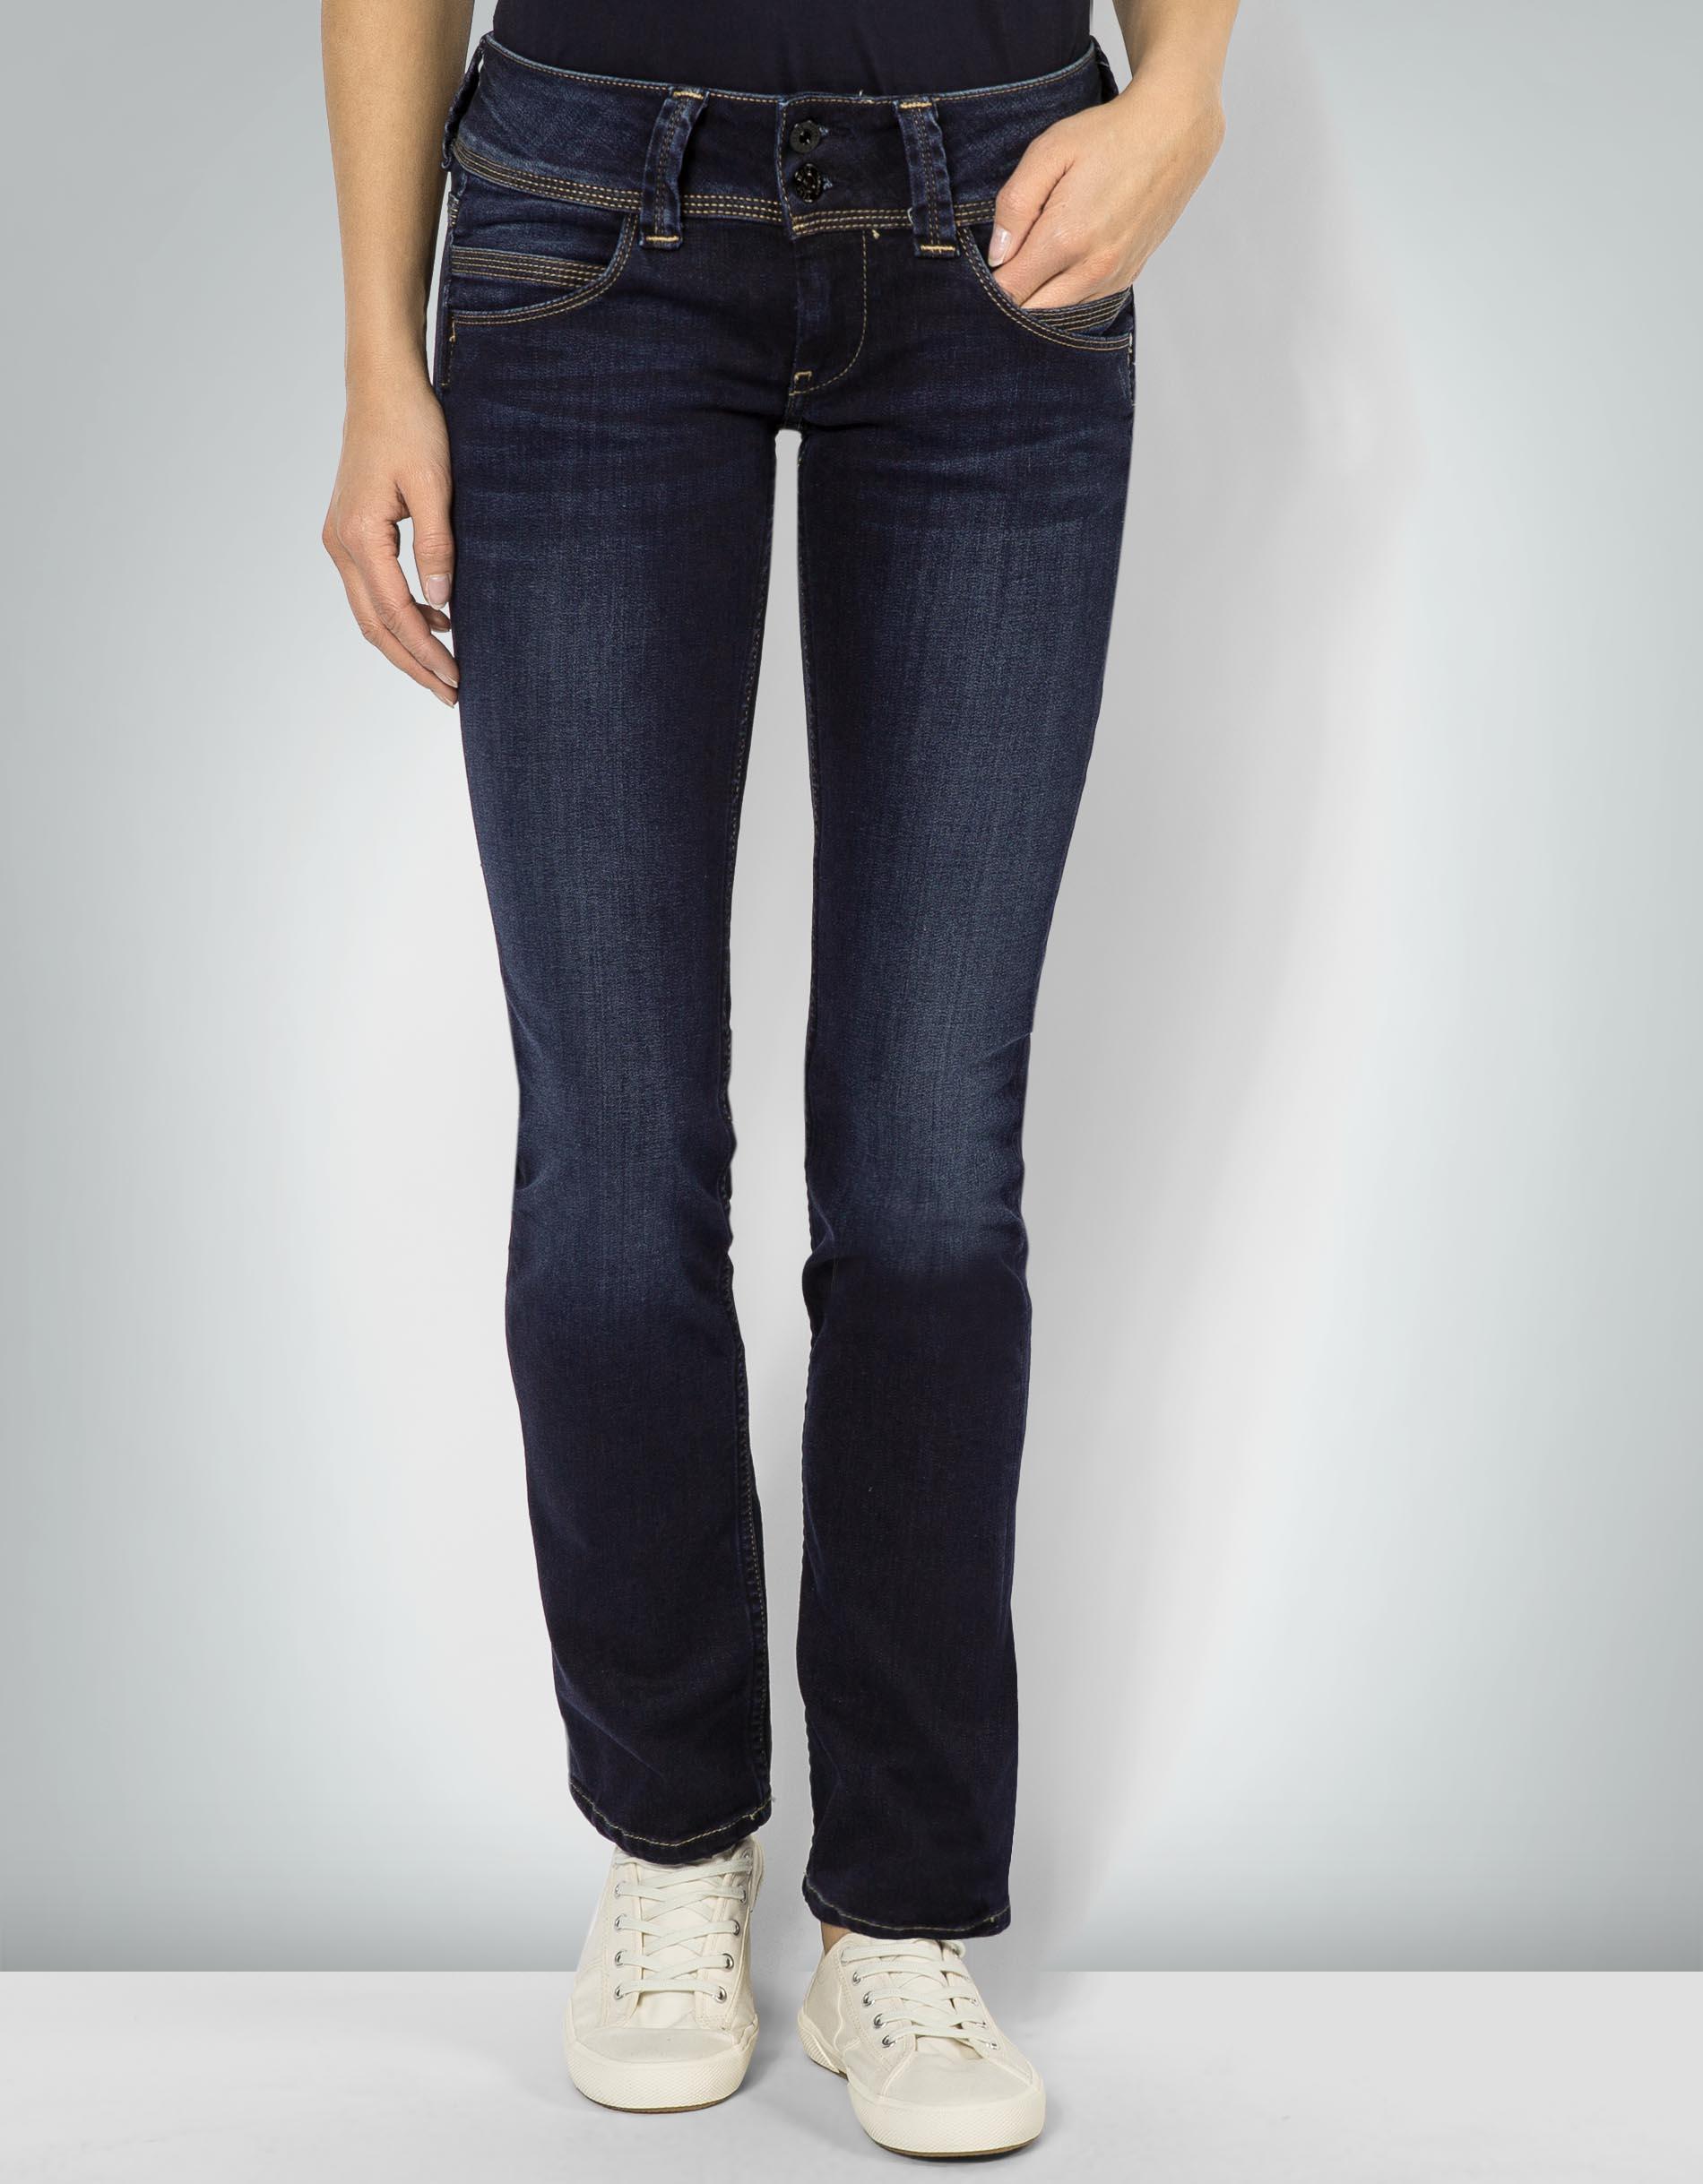 c86b347d74be Pepe Jeans Damen Venus denim Jeans im Regular Fit empfohlen von Deinen  Schwestern